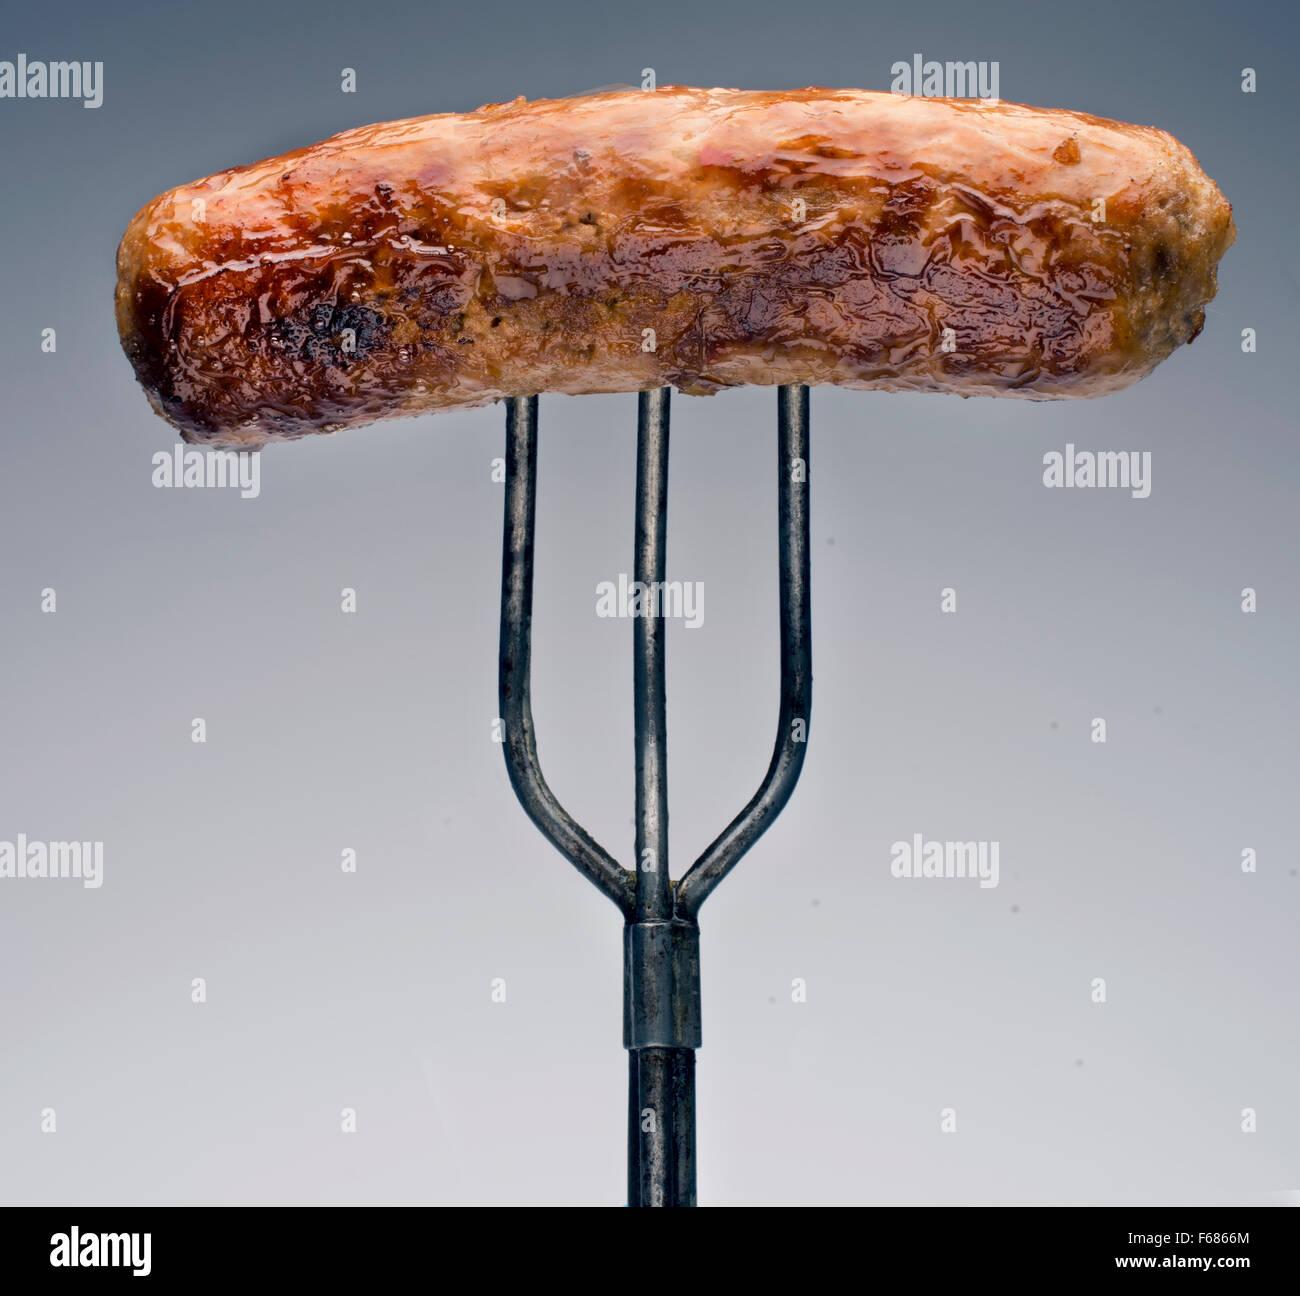 sausage - Stock Image